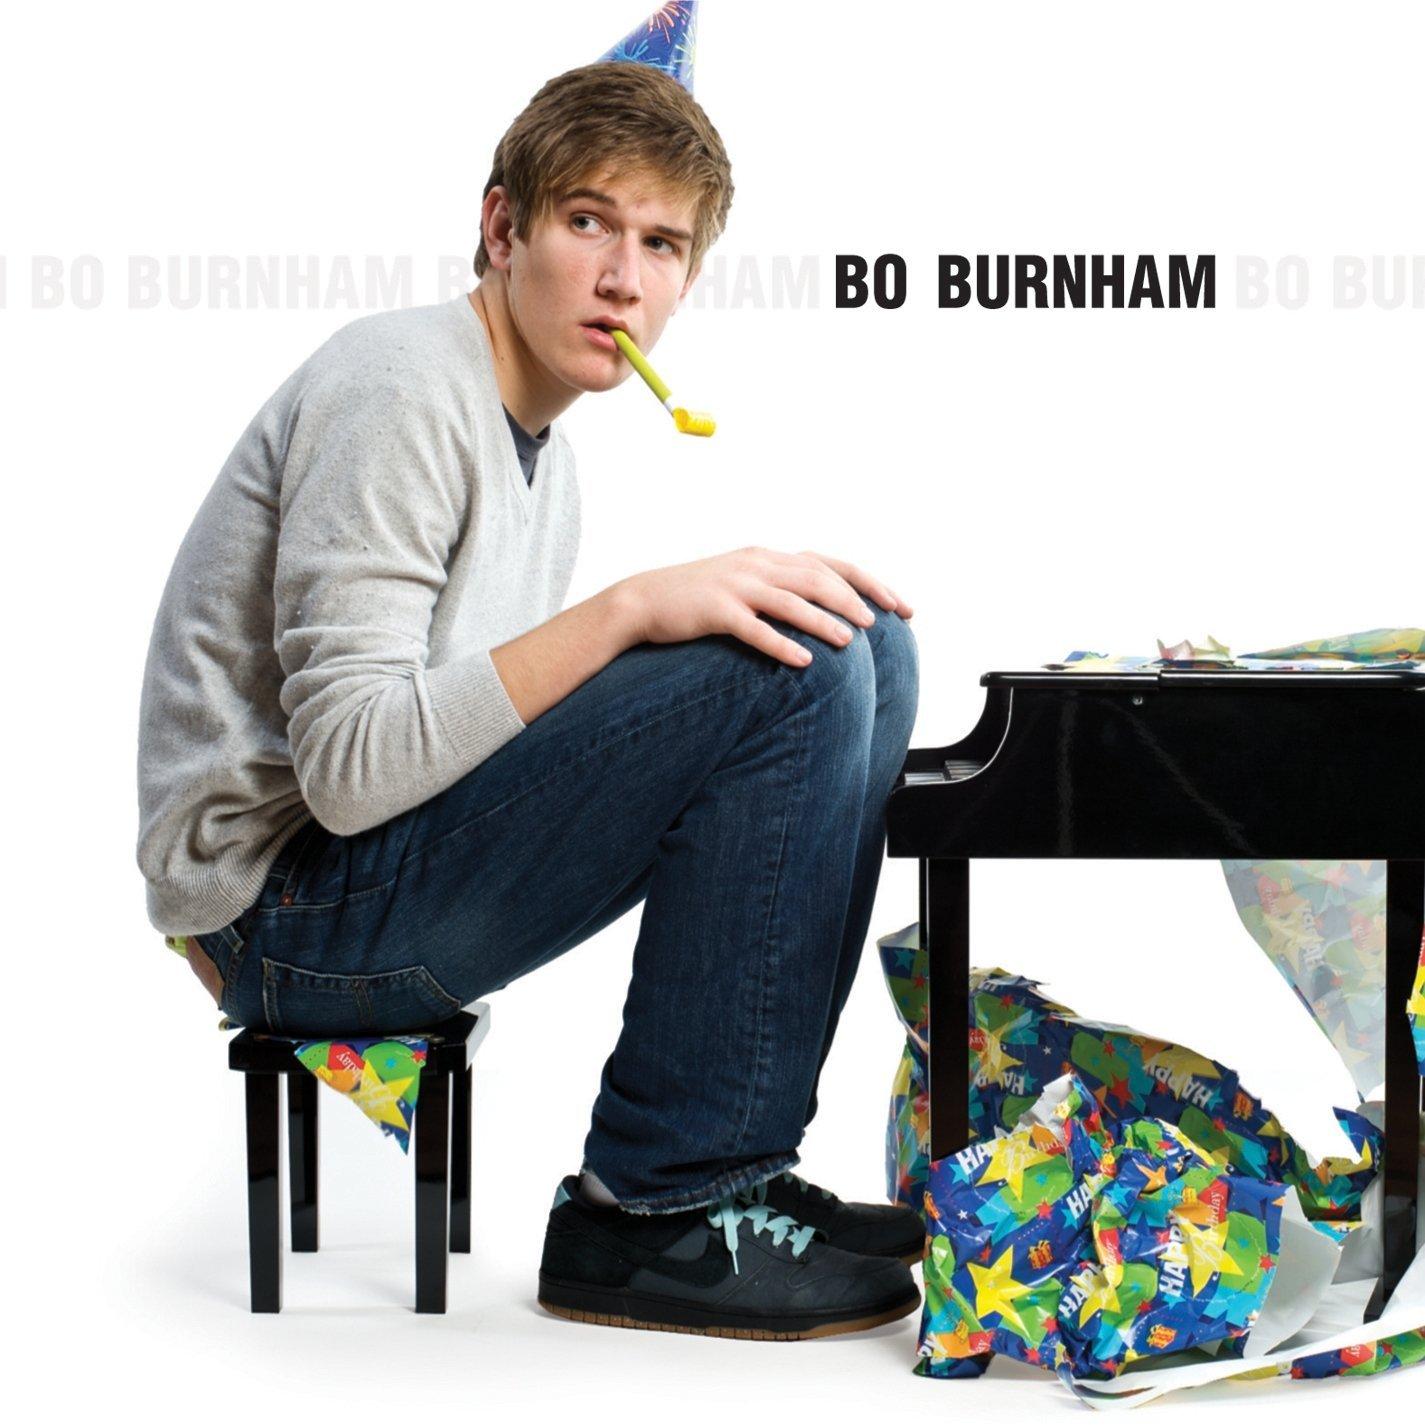 Bo Burnham first album